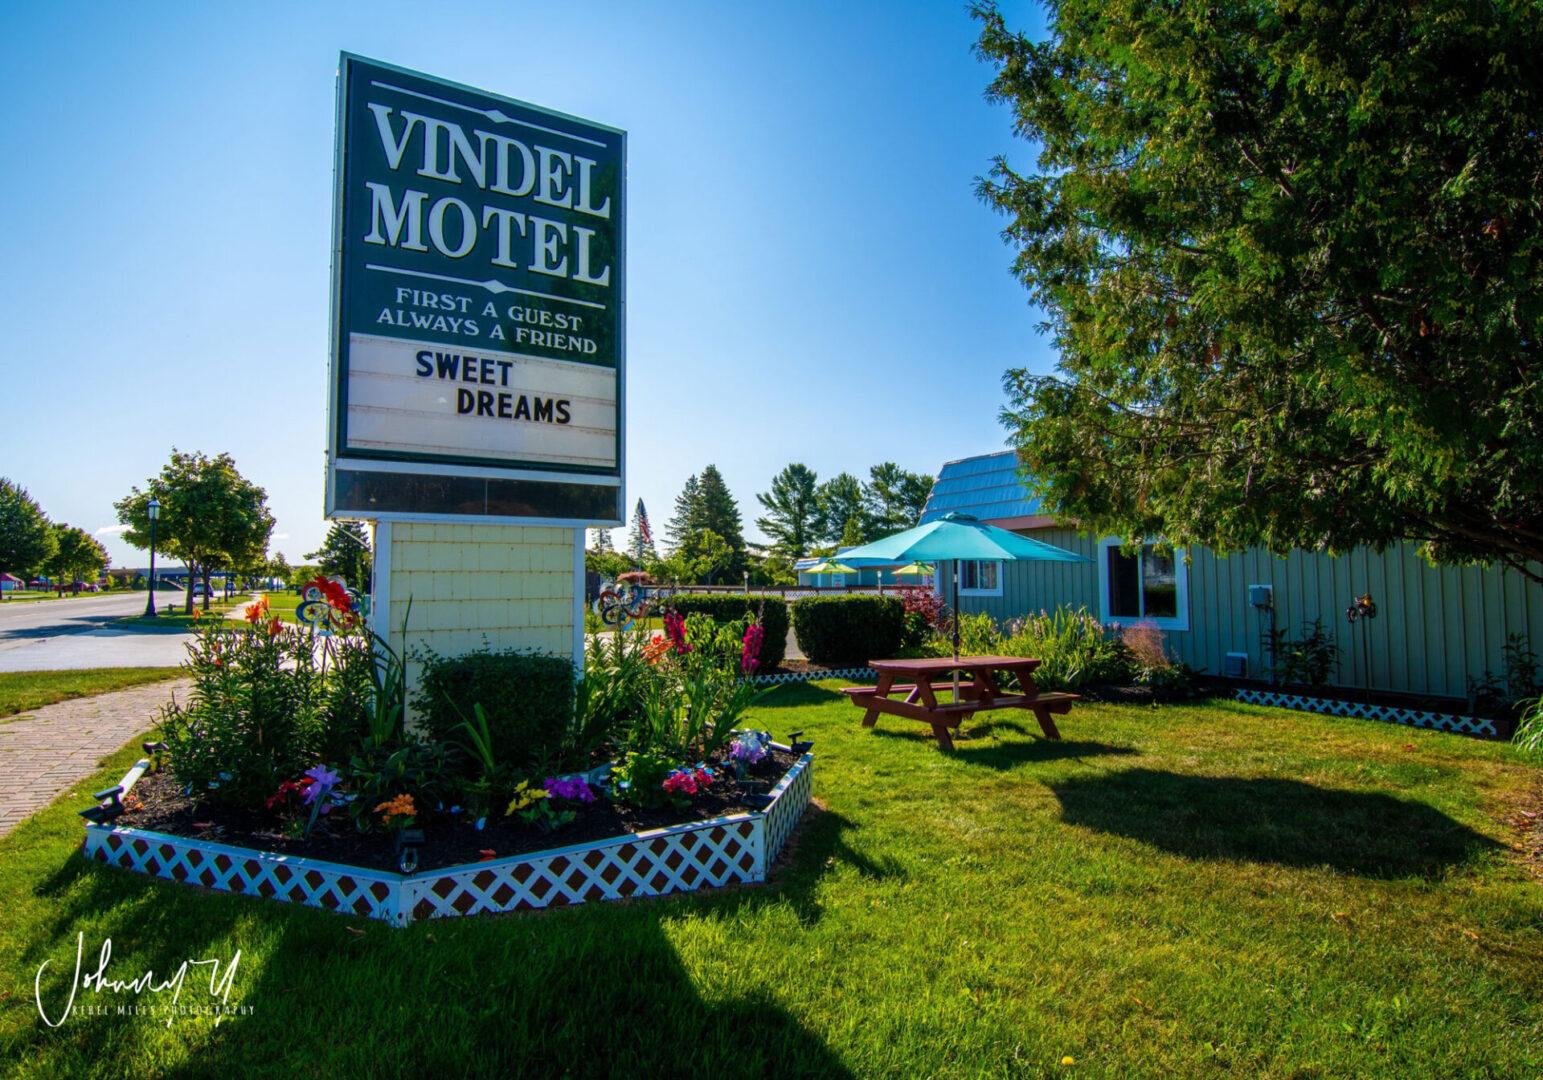 Vindel-Motel-082019-14-(2)